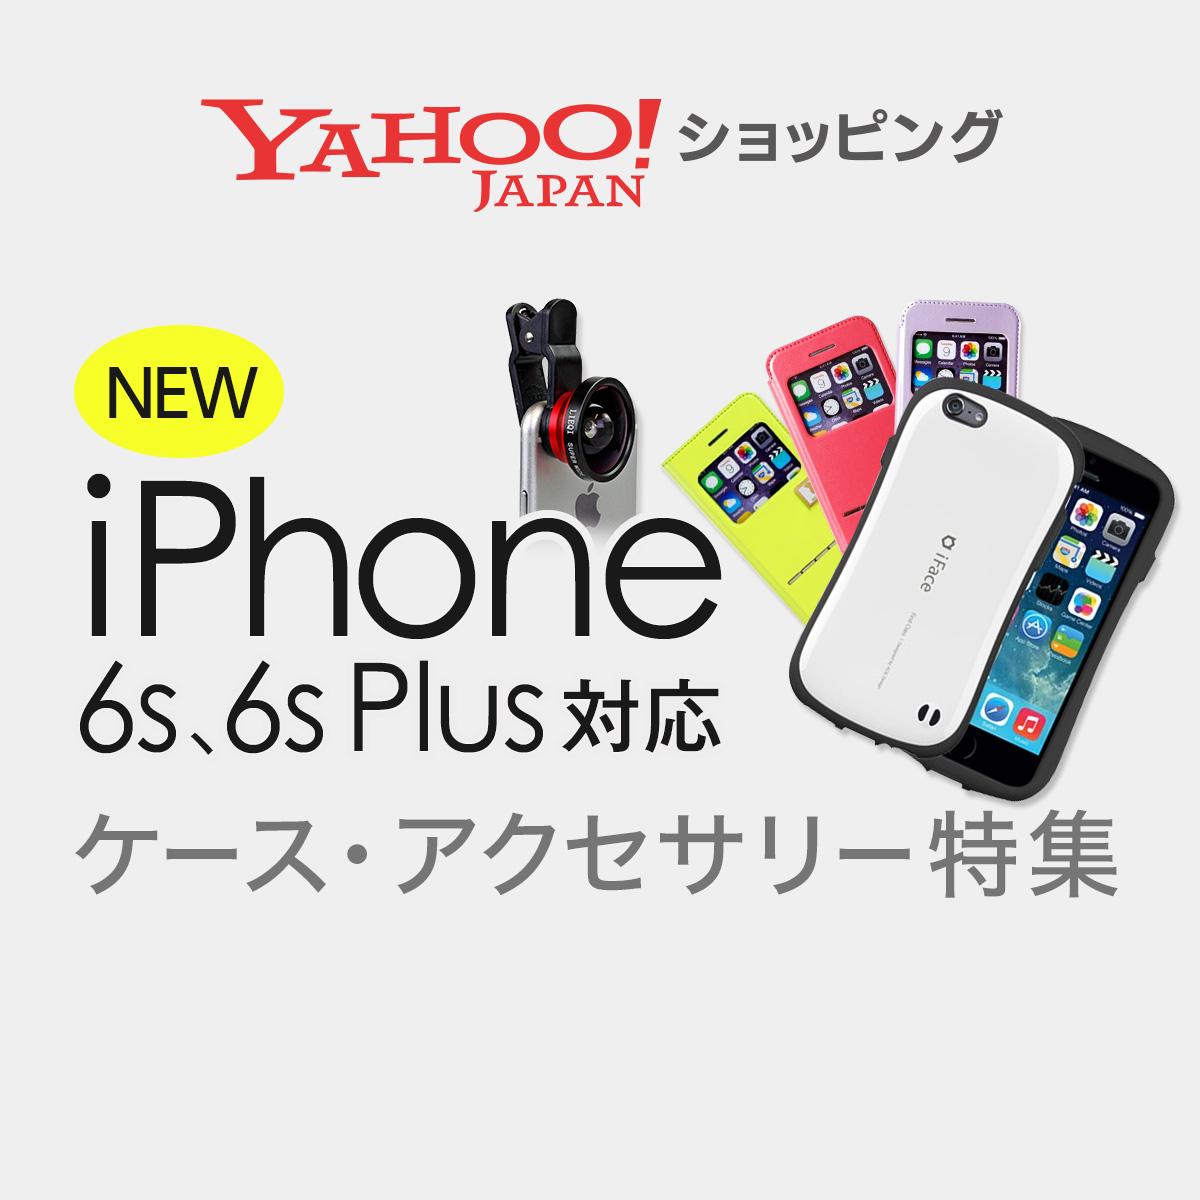 【早わかりまとめ】進化したiPhone6s 6s Plus【9/25発売】新しいケースに着替えよう!